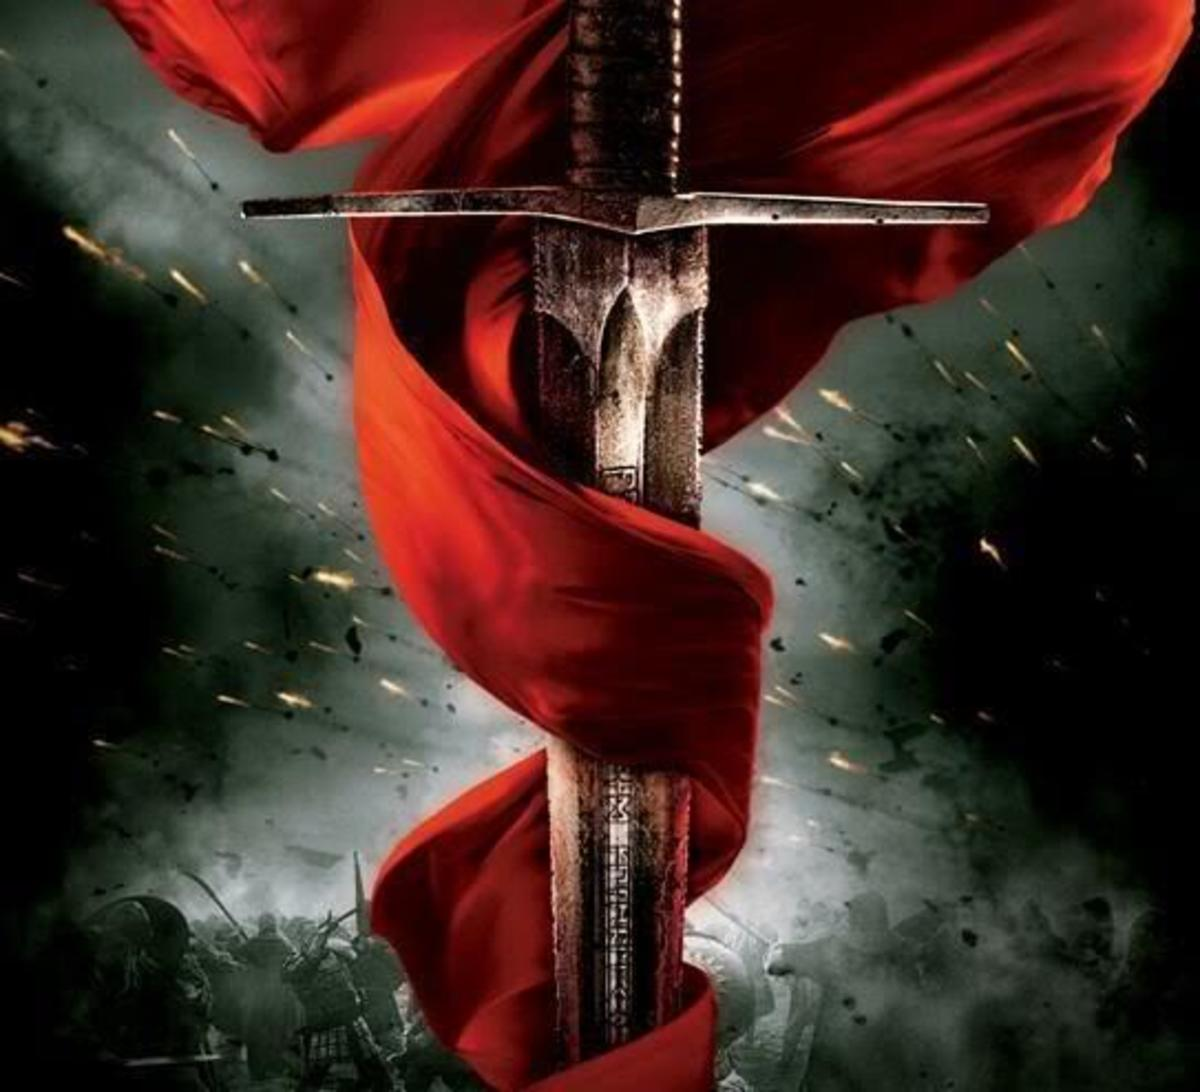 wielding-the-sexual-sword